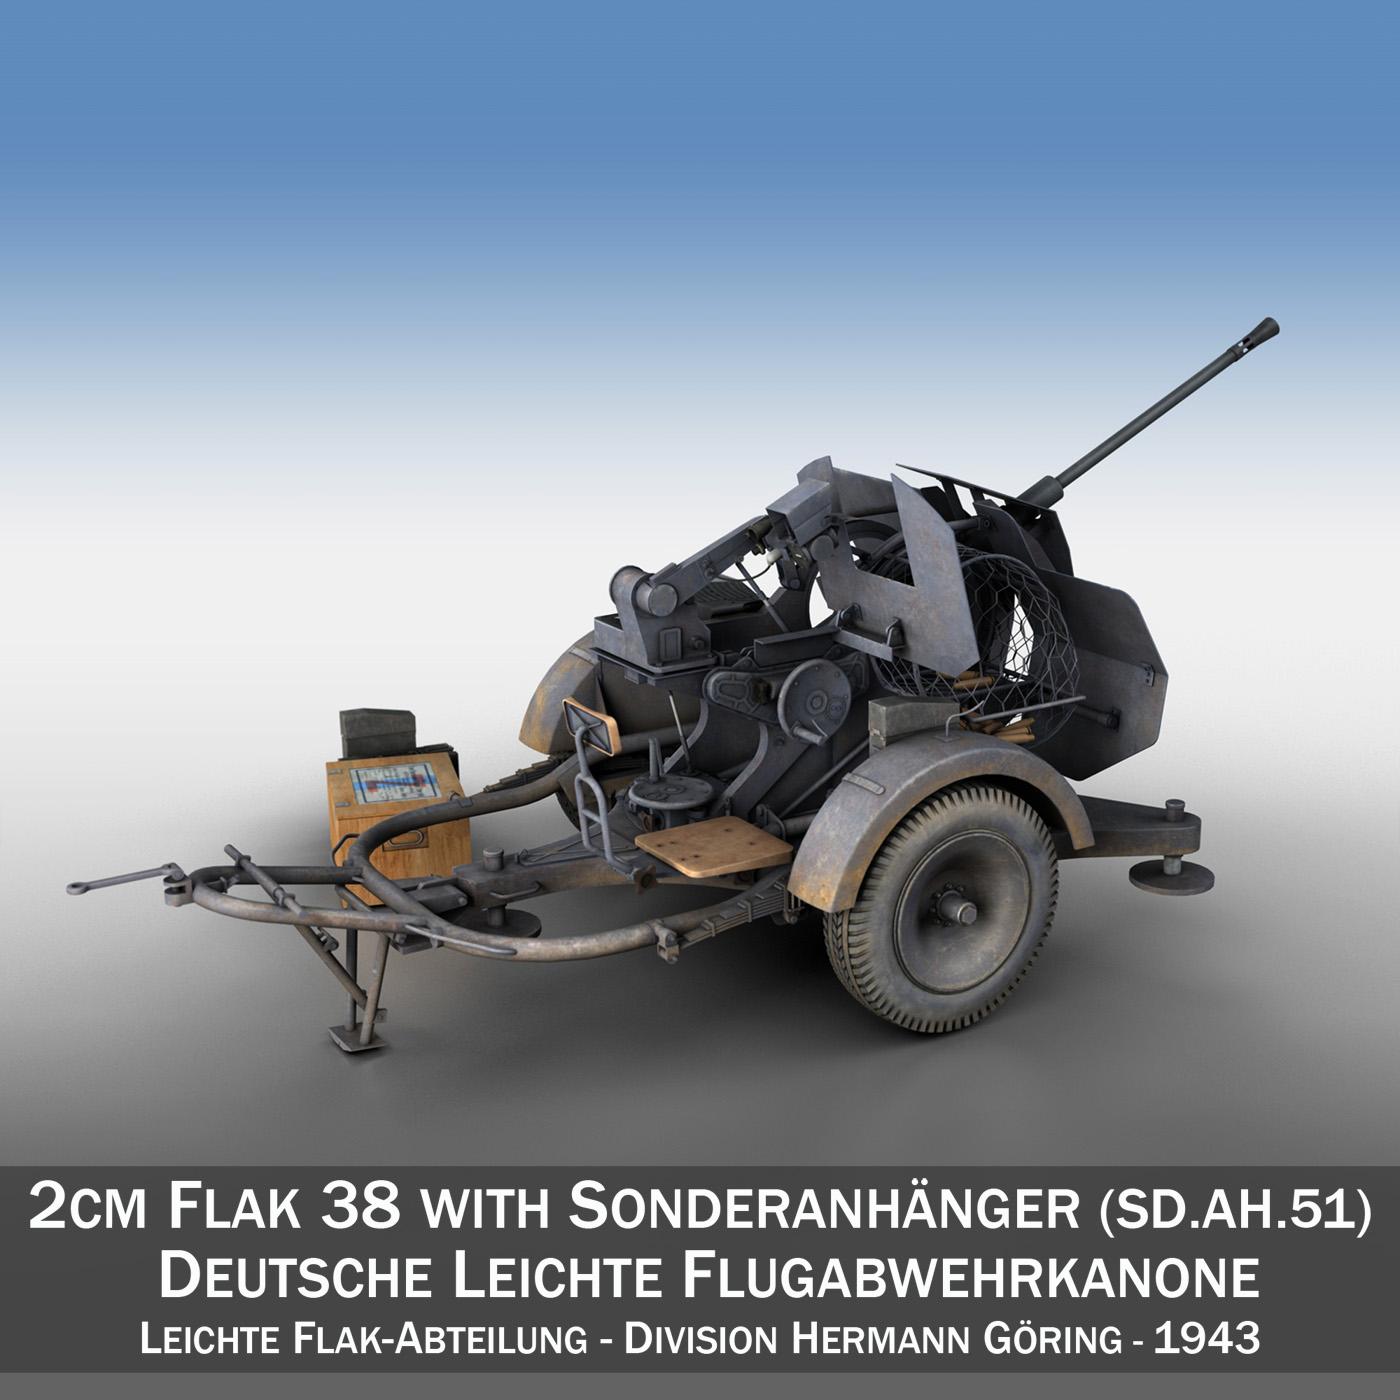 2cm Flak 38 with SD.AH 51 - Trailer - DHG 3d model 3ds fbx c4d lwo lws lw obj 268991